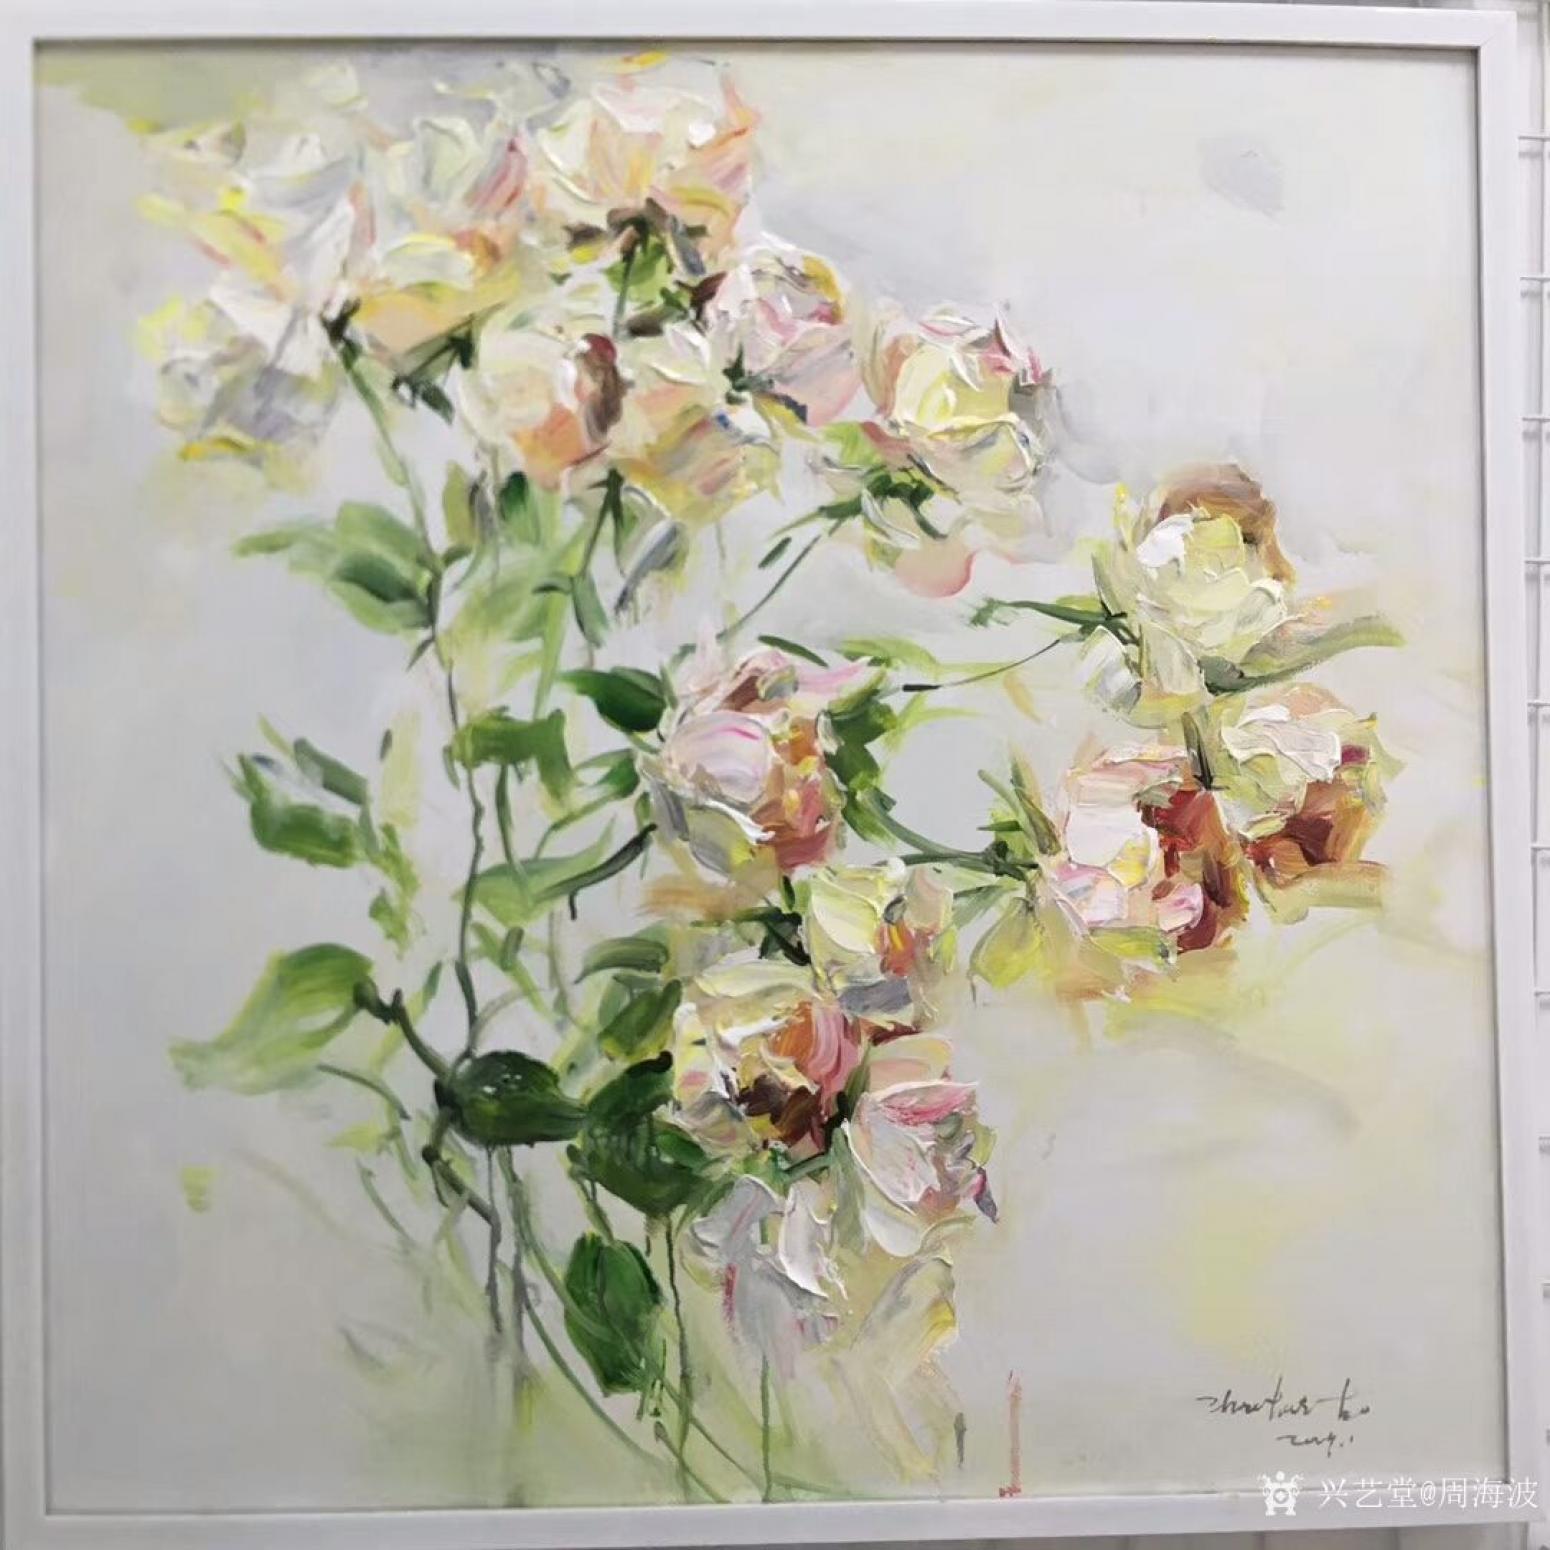 周海波油画作品《北欧风格花卉2》【图0】